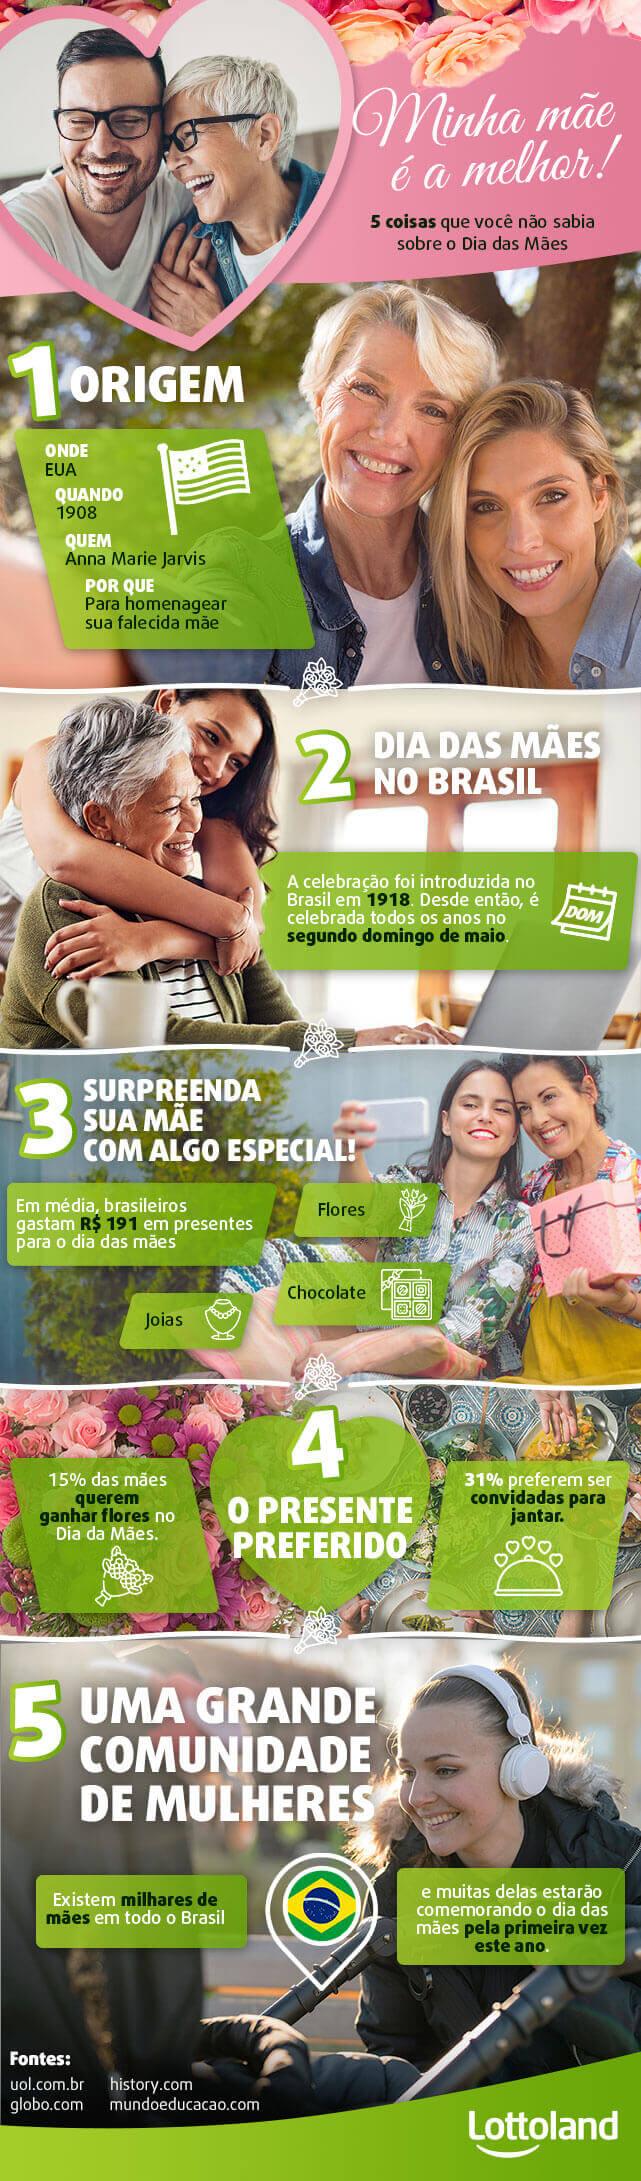 Infográfico sobre o dia das mães no Brasil, origens e muito mais